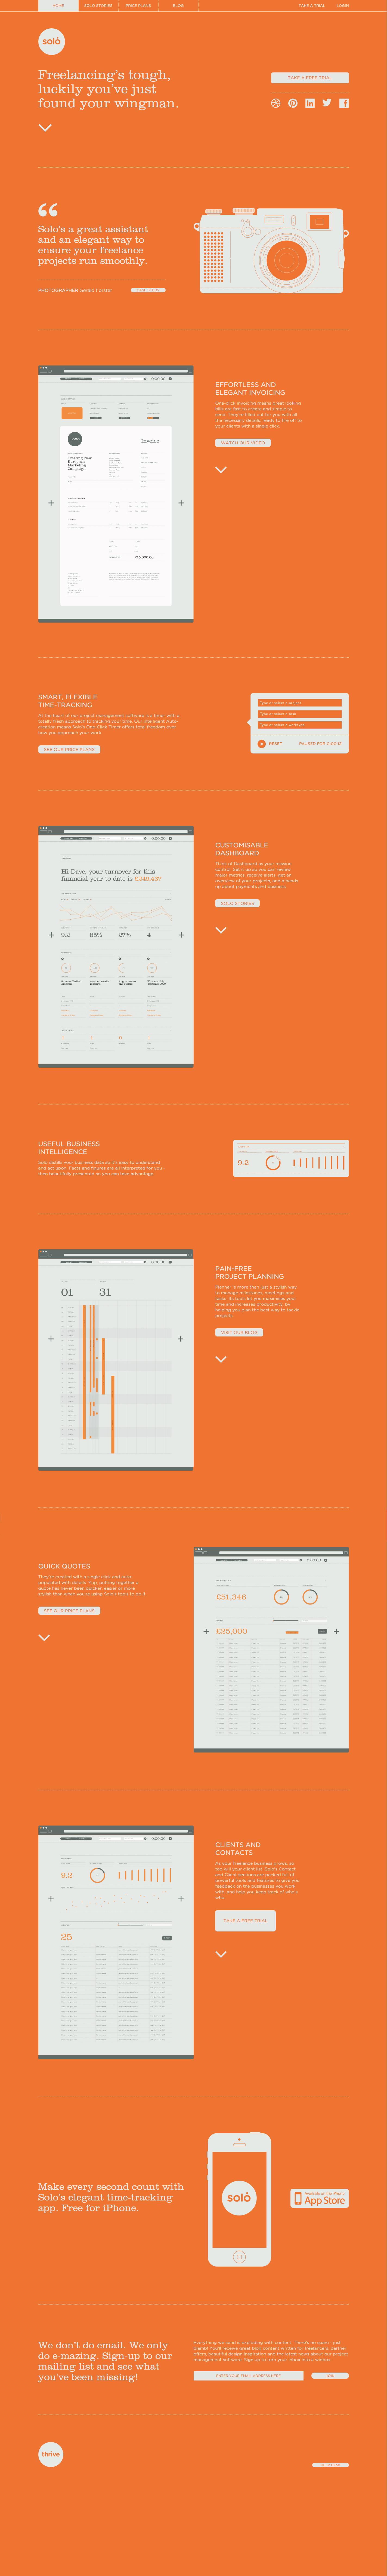 Pin By Alden Grace On Web Design Web Design Website Design Inspiration Flat Web Design